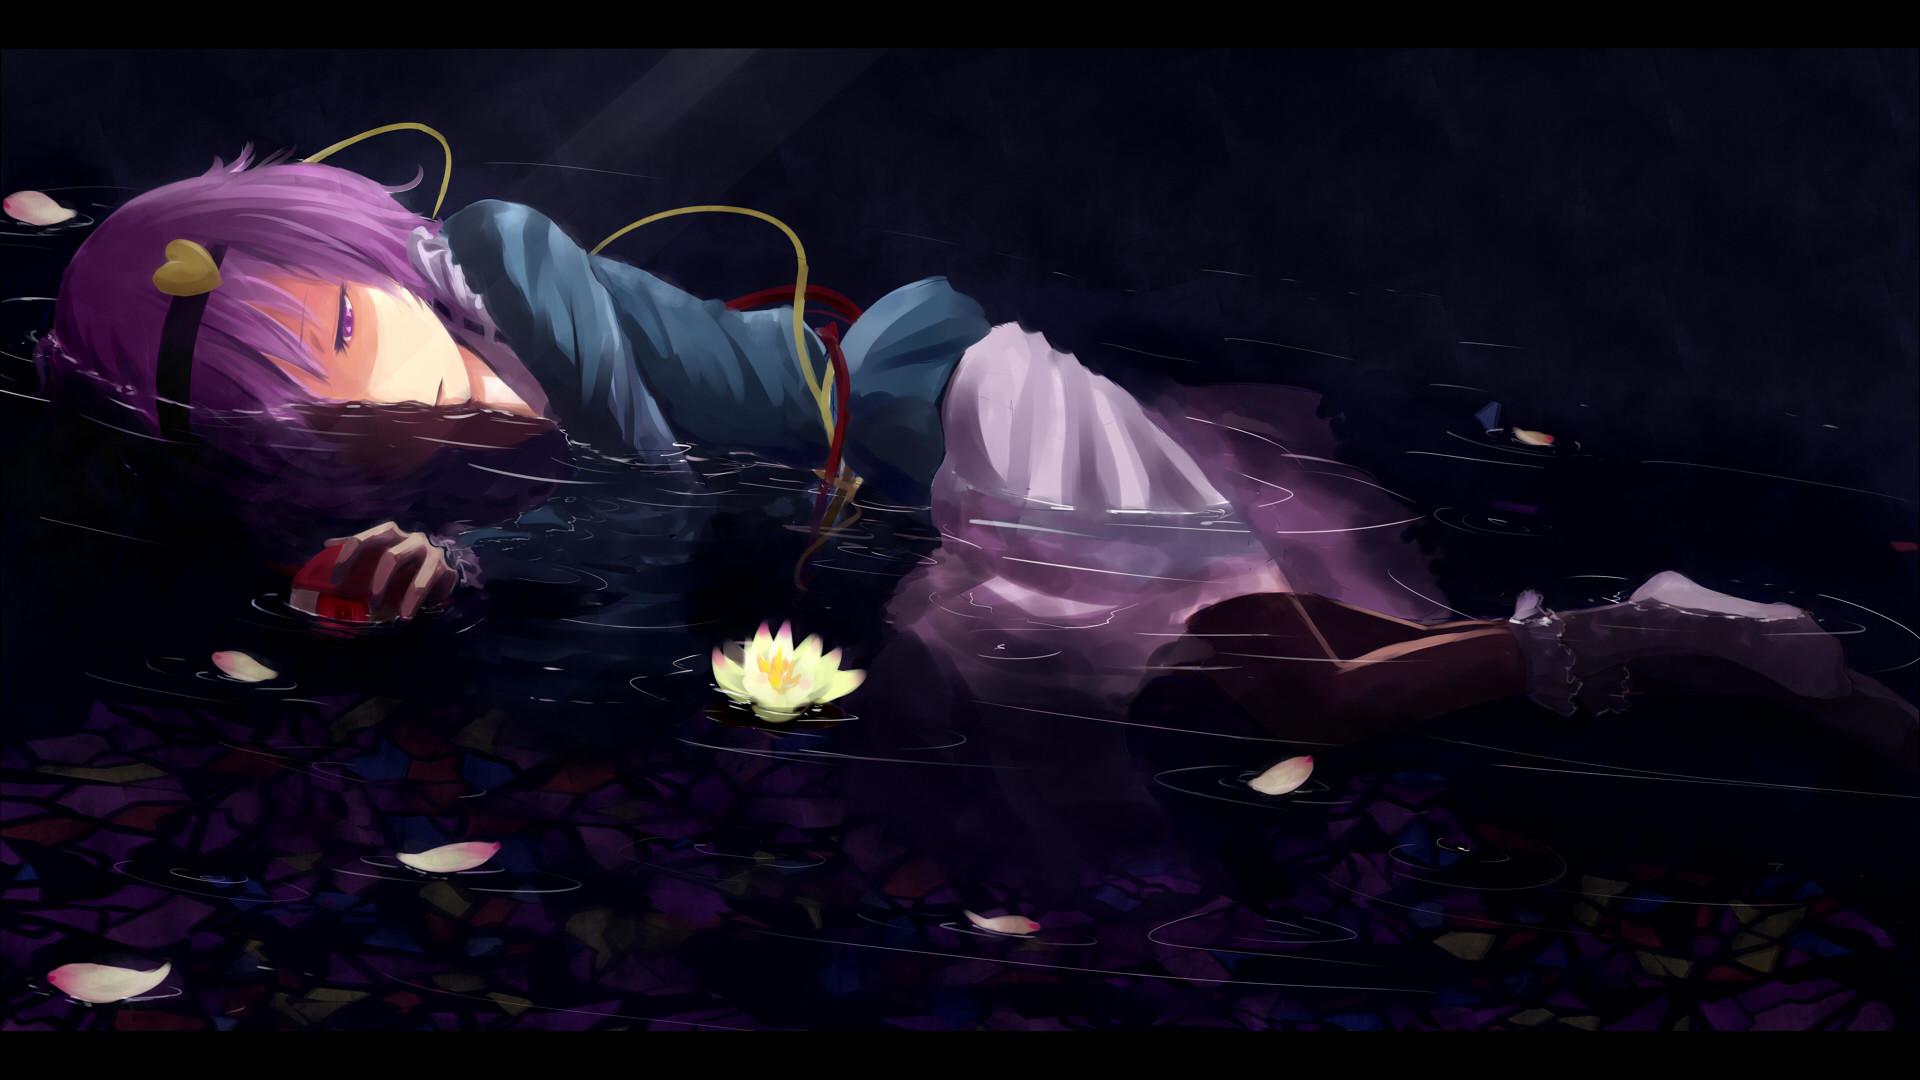 Res: 1920x1080, Anime - Touhou Satori Komeiji Wallpaper